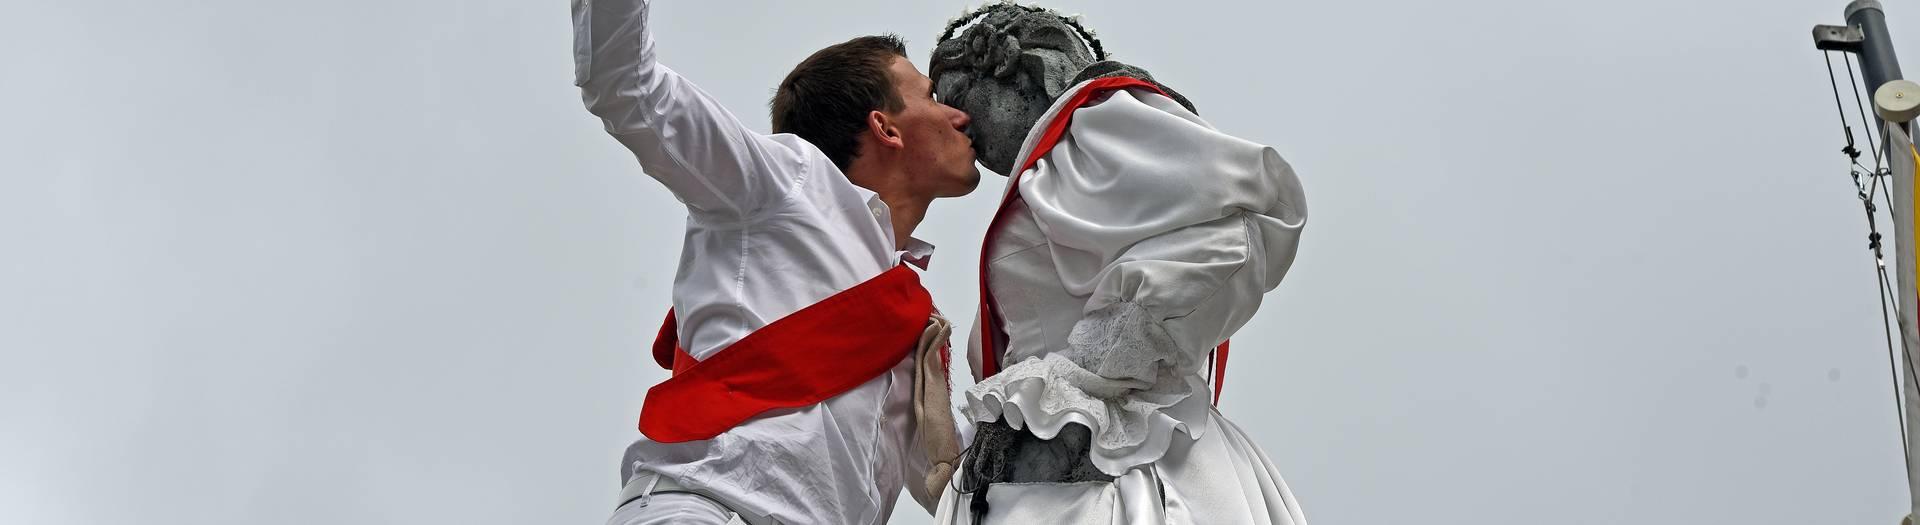 Kuss der steinernen Jungfrau beim Kranzelreiten in Weitensfeld in Mittelkärnten